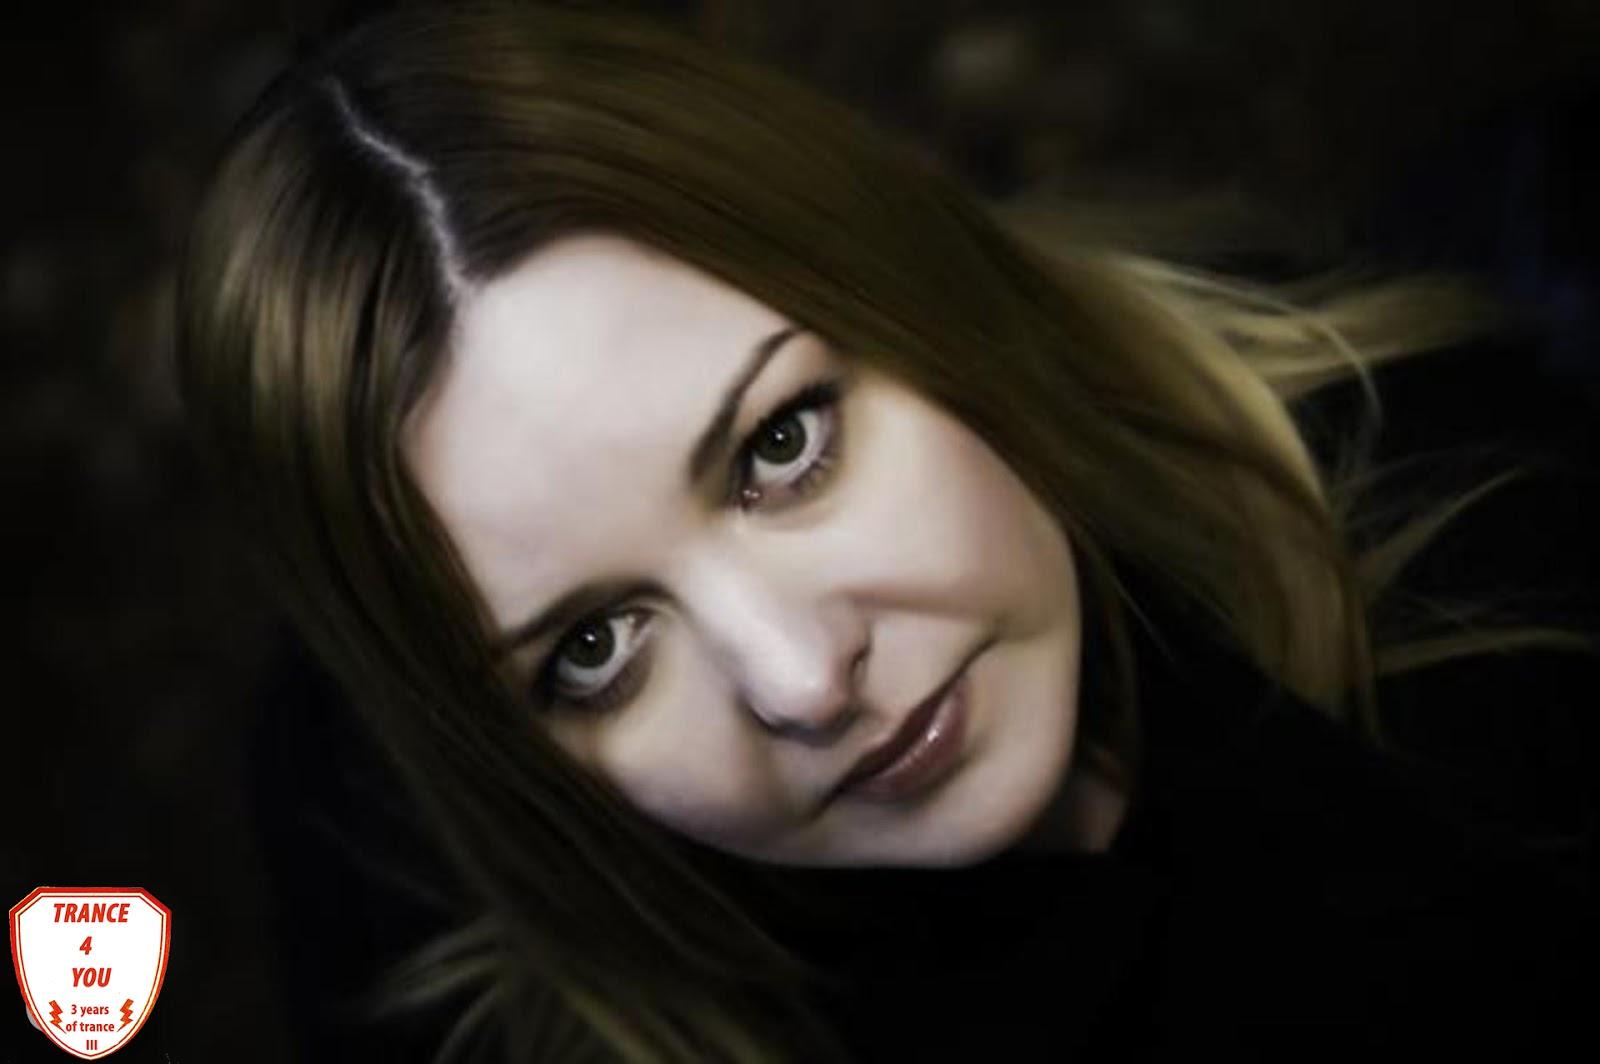 Audrey Gallagher #